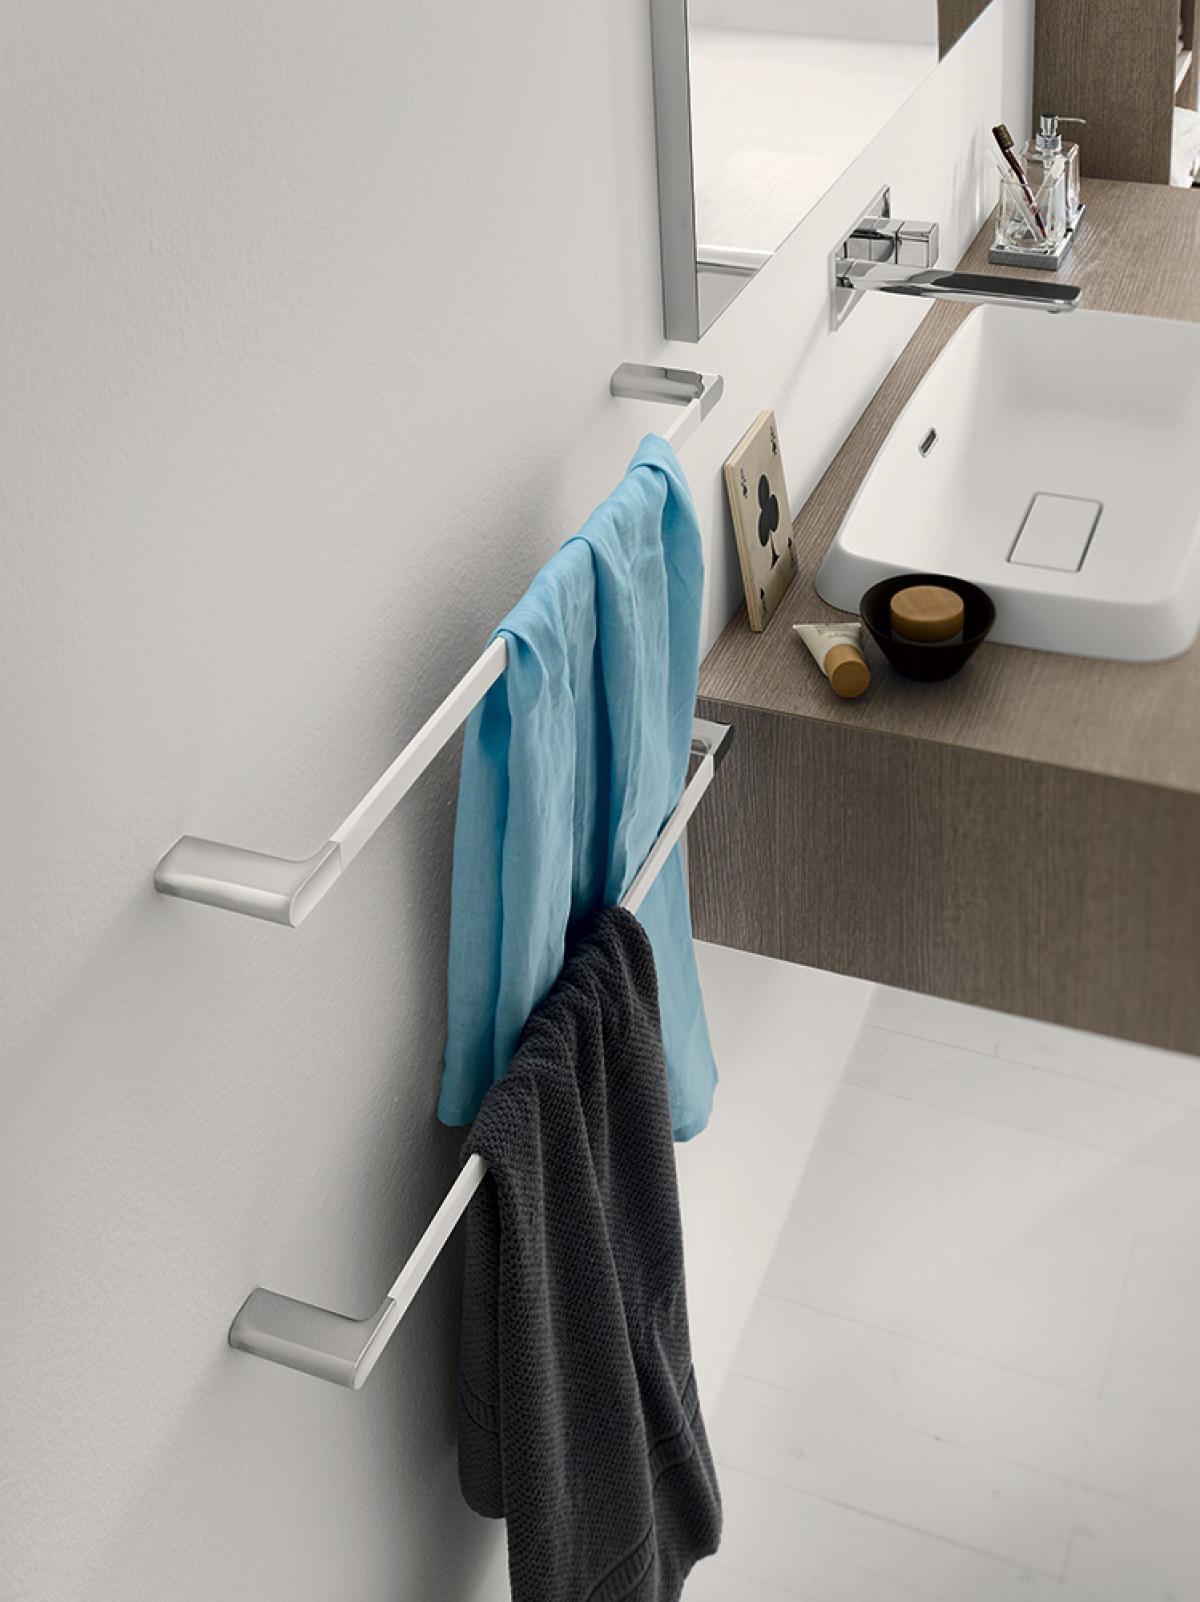 Accessoires salle de bains Mito - INDA